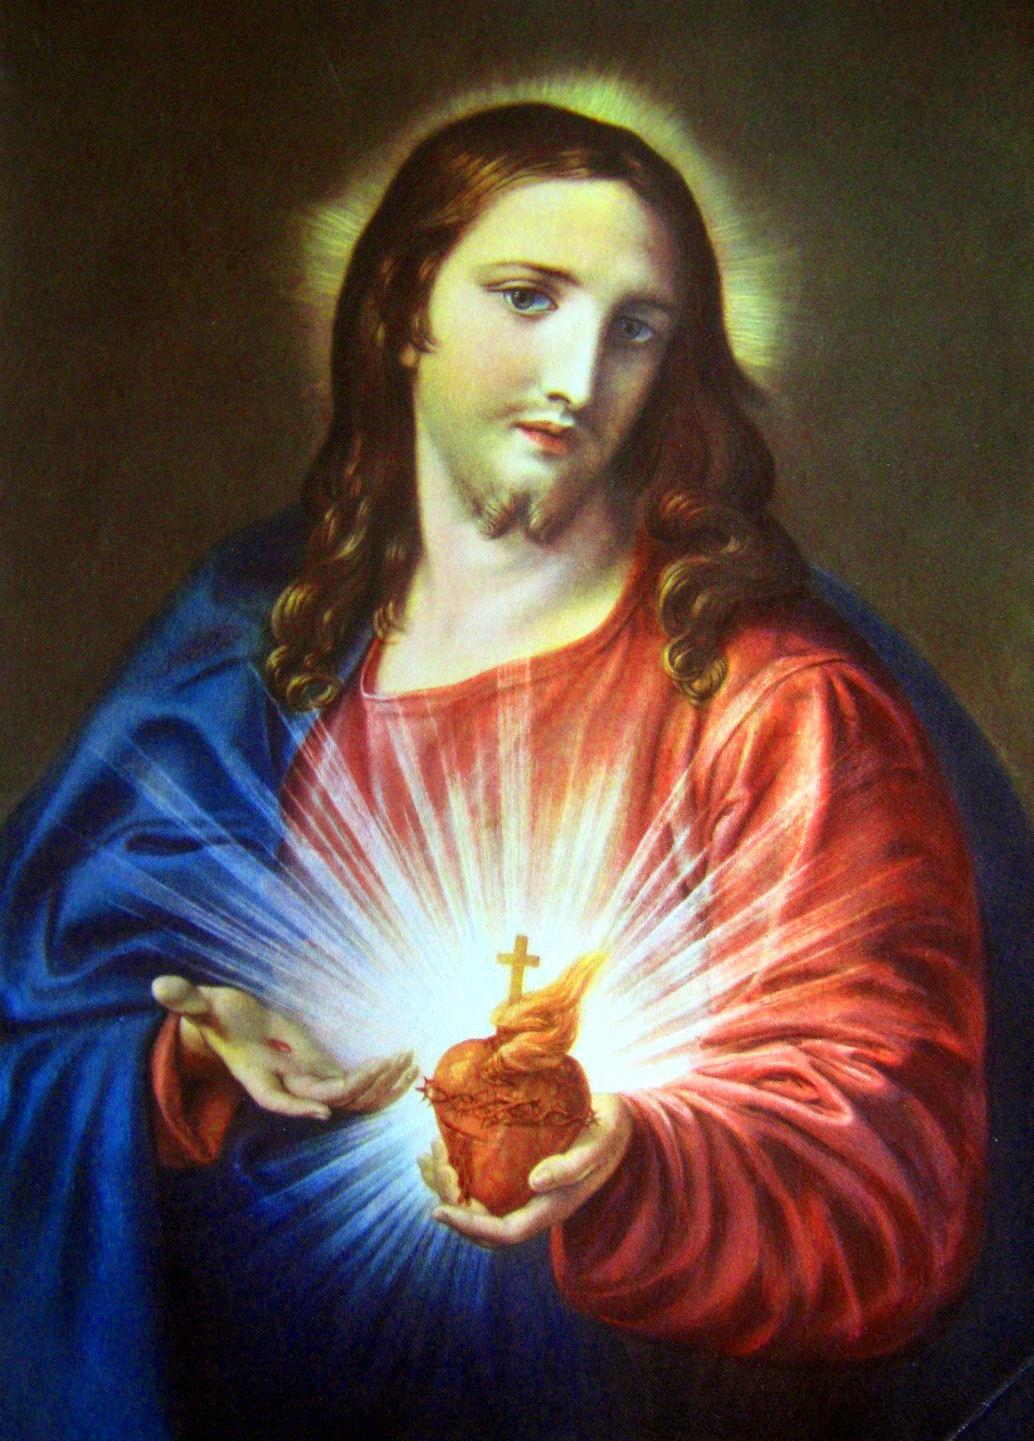 Popolare Devozione al Sacro Cuore di Gesù: preghiere HD69